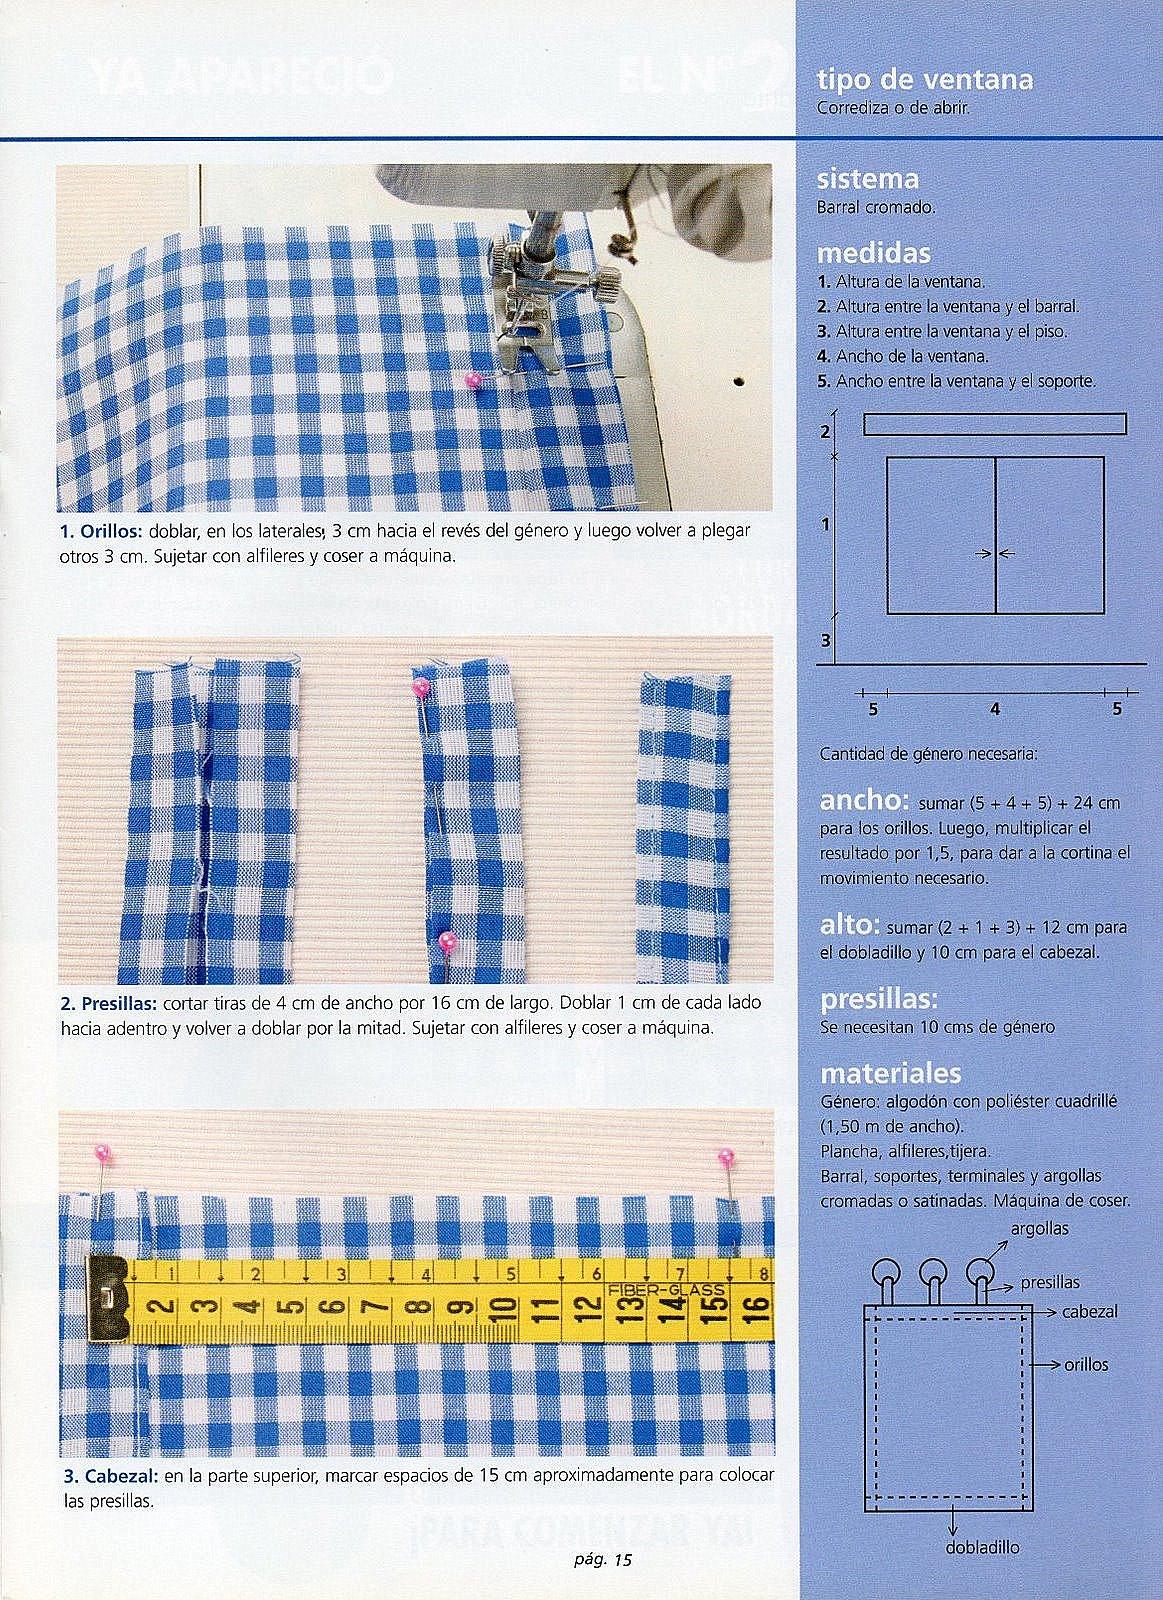 Cortina para el comedor paso a paso gu a de manualidades - Como hacer cortinas de cocina paso a paso ...